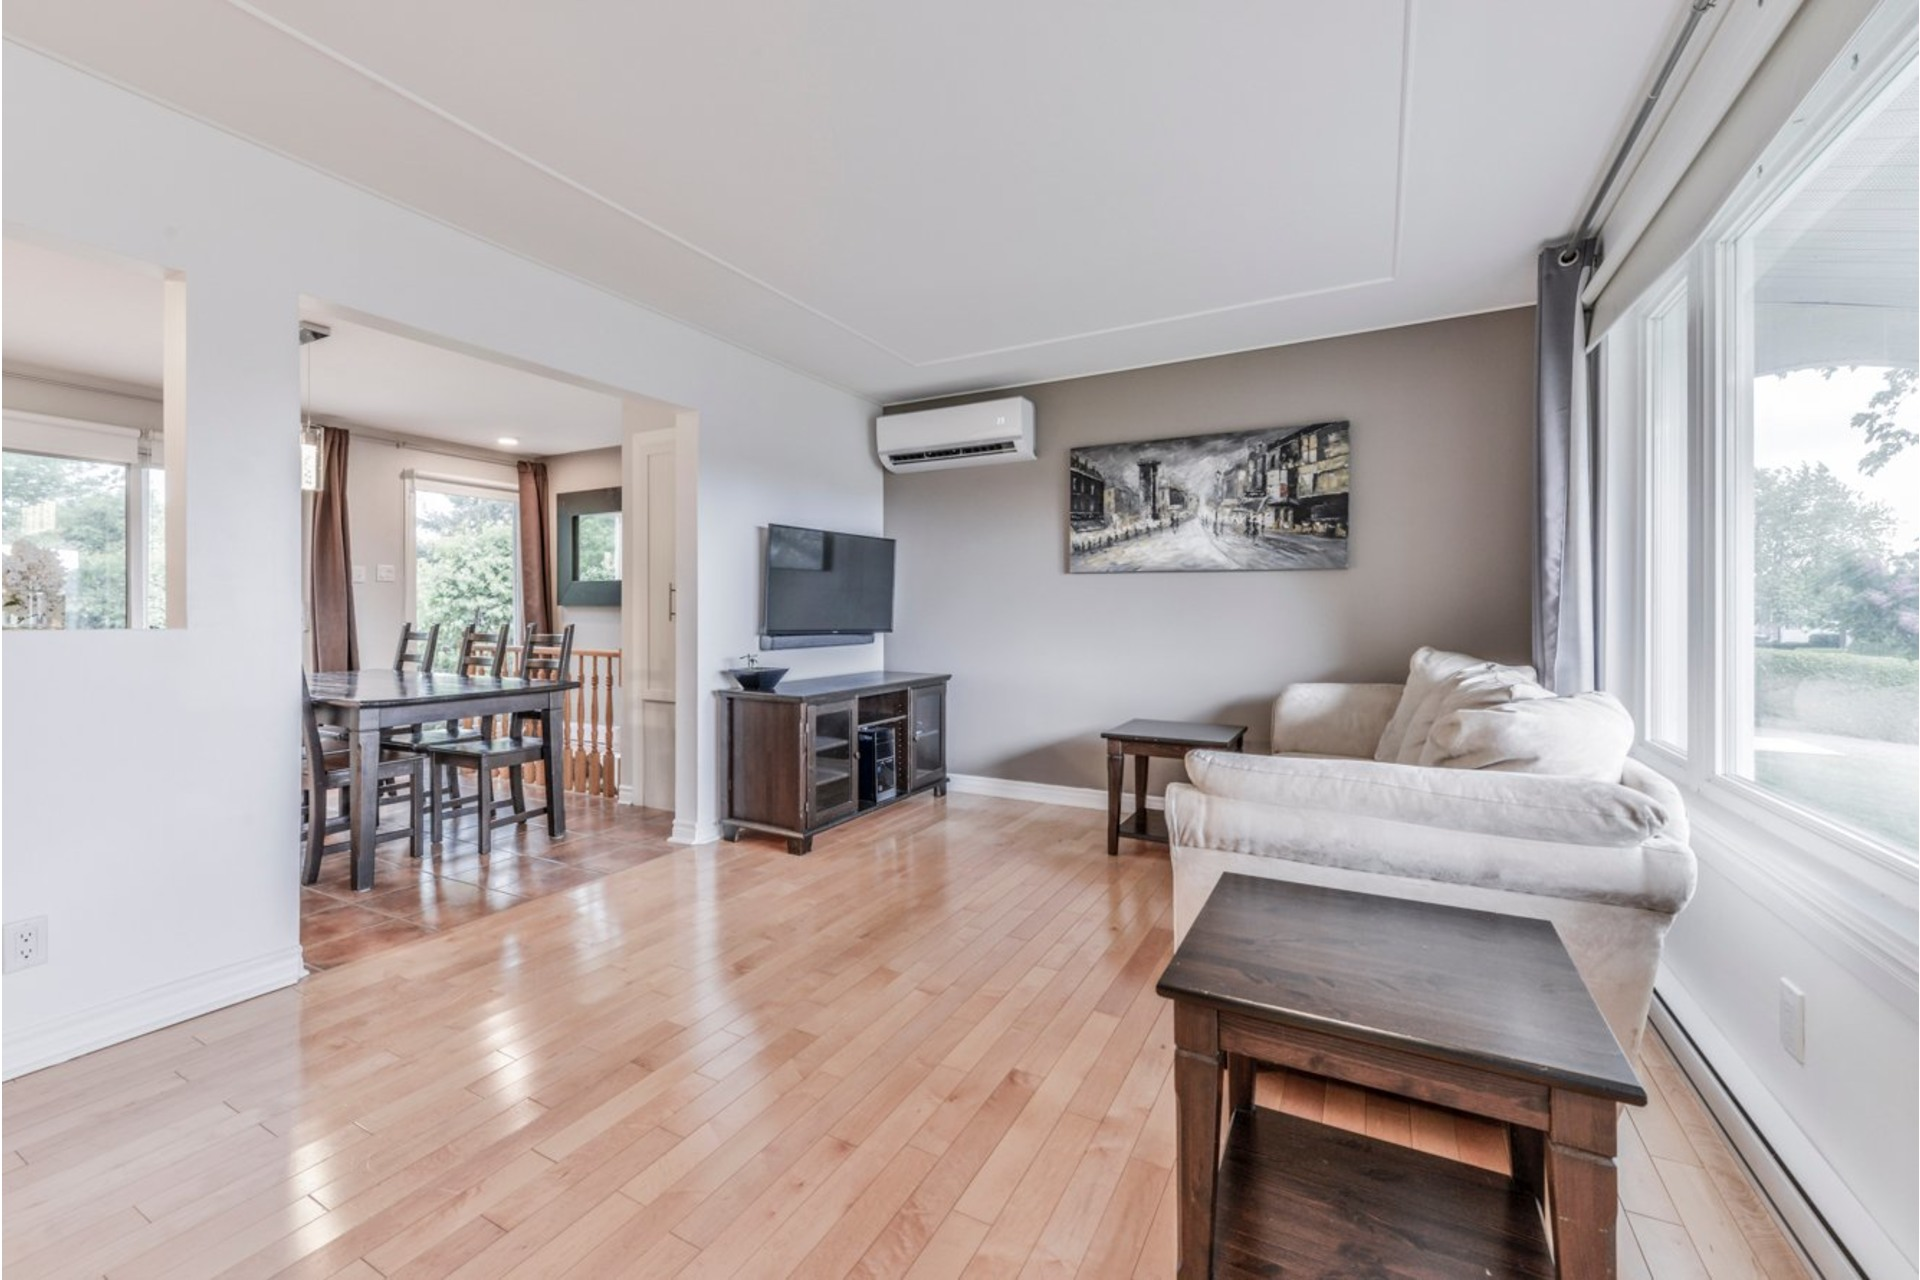 image 5 - House For sale Saint-Jean-sur-Richelieu - 10 rooms